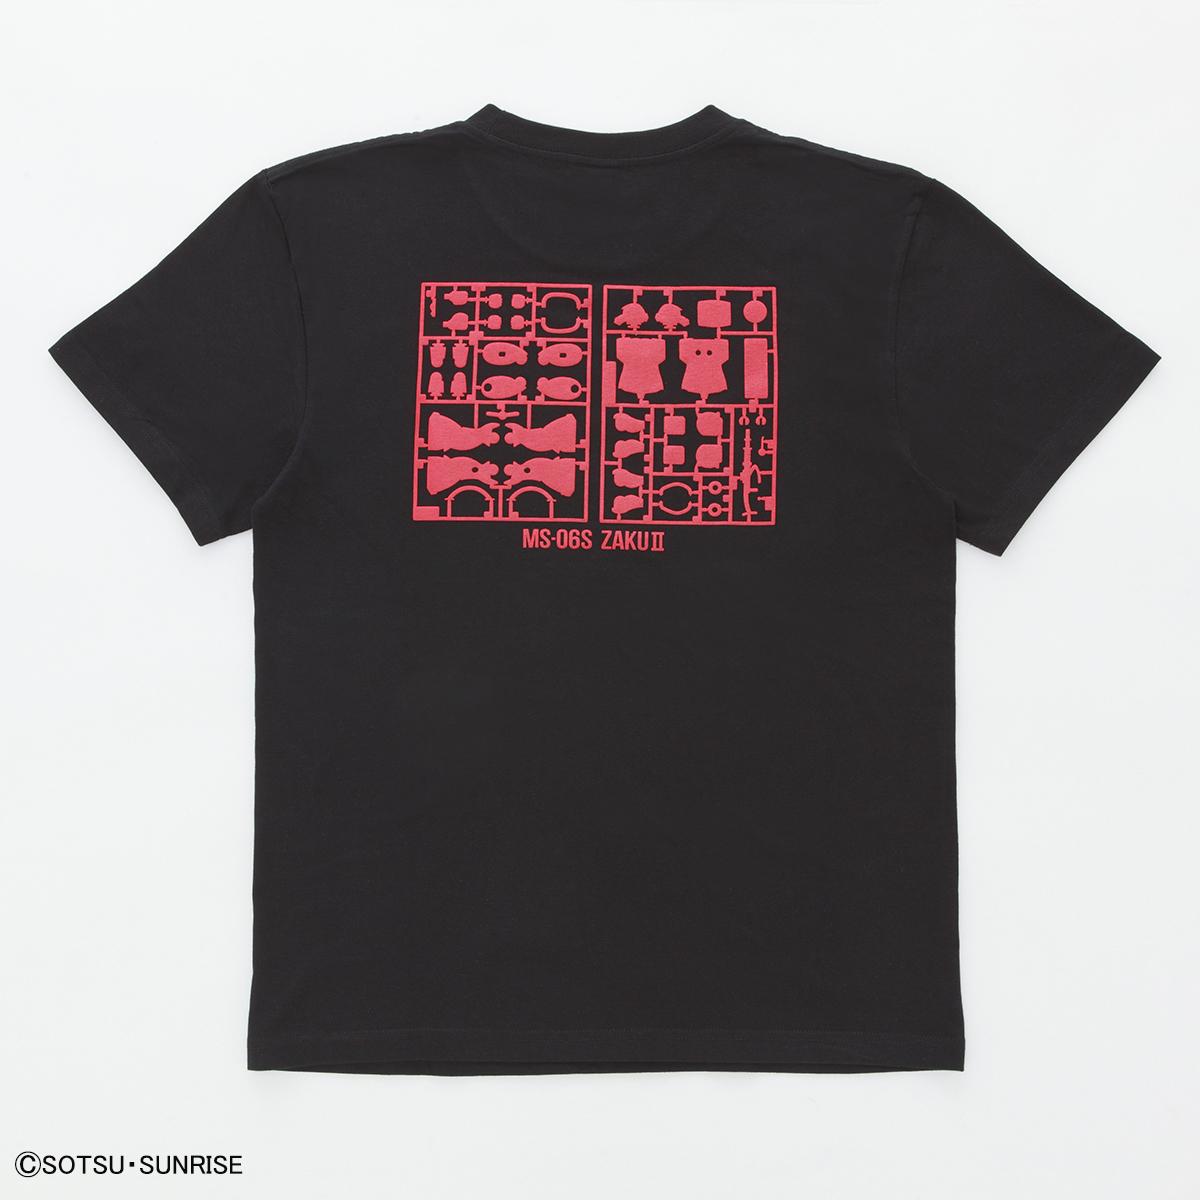 機動戦士ガンダム ガンプラ ランナー Tシャツ MS-06S シャアザク 商品画像